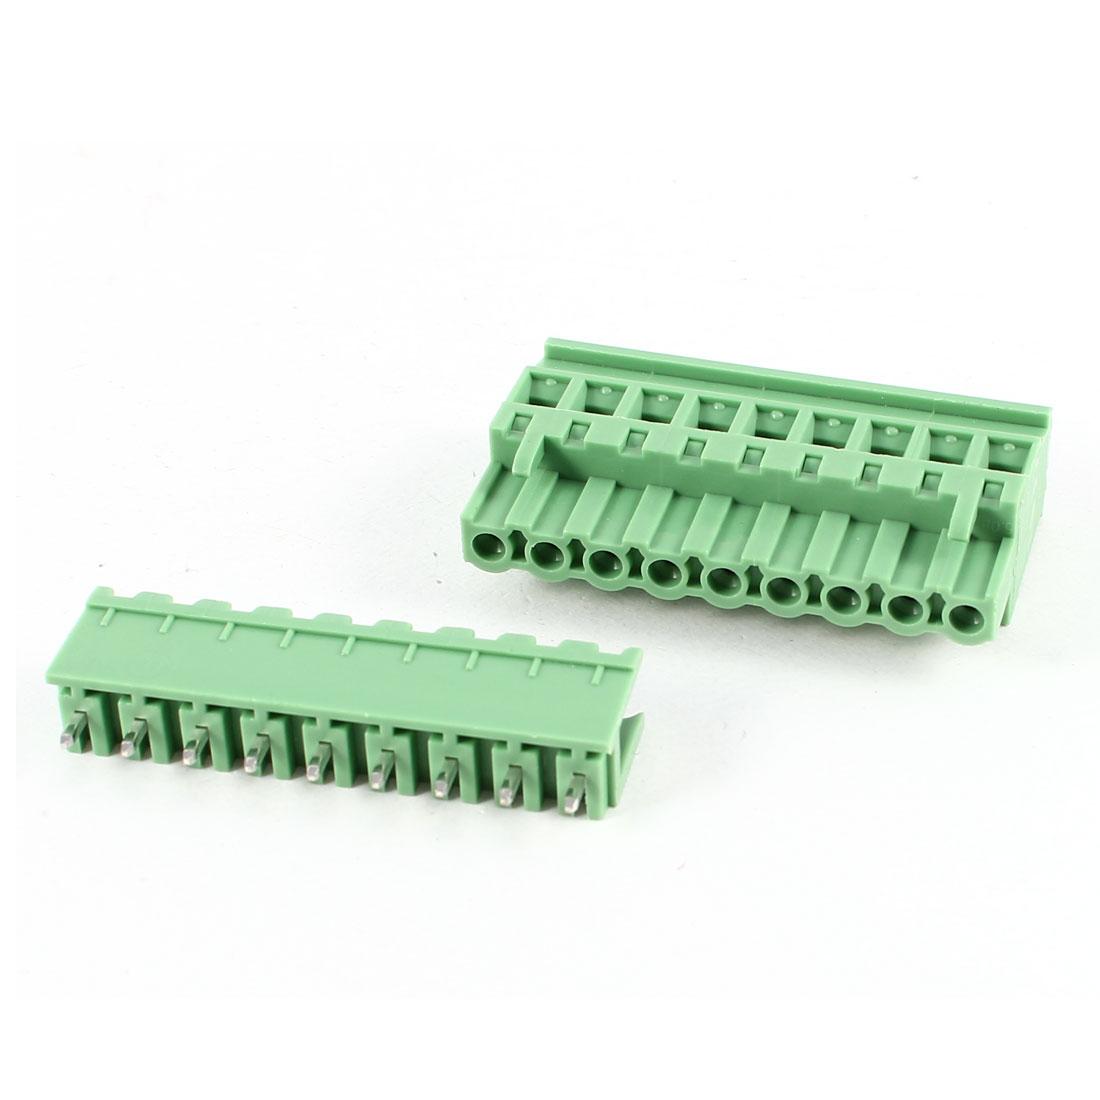 Green KF2EDGKA 5.08mm 10Position Screw Pluggable Terminal Block Connector 300V 10A